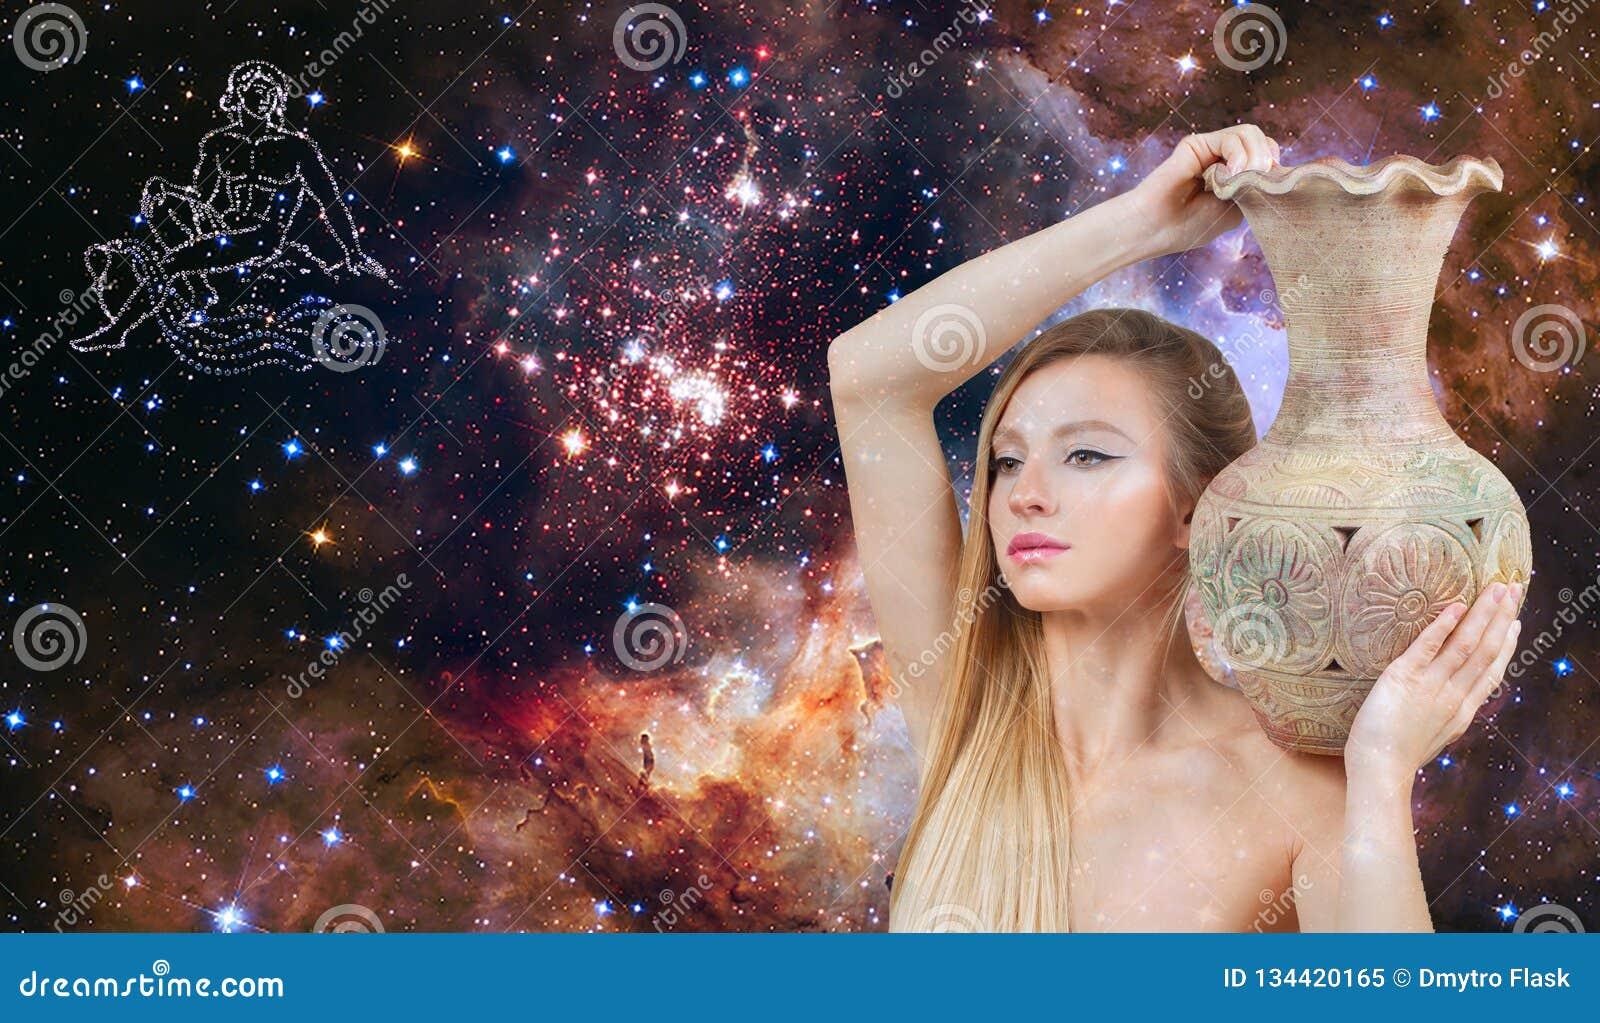 Segno dello zodiaco di acquario Astrologia e oroscopo Bello acquario della donna sui precedenti della galassia